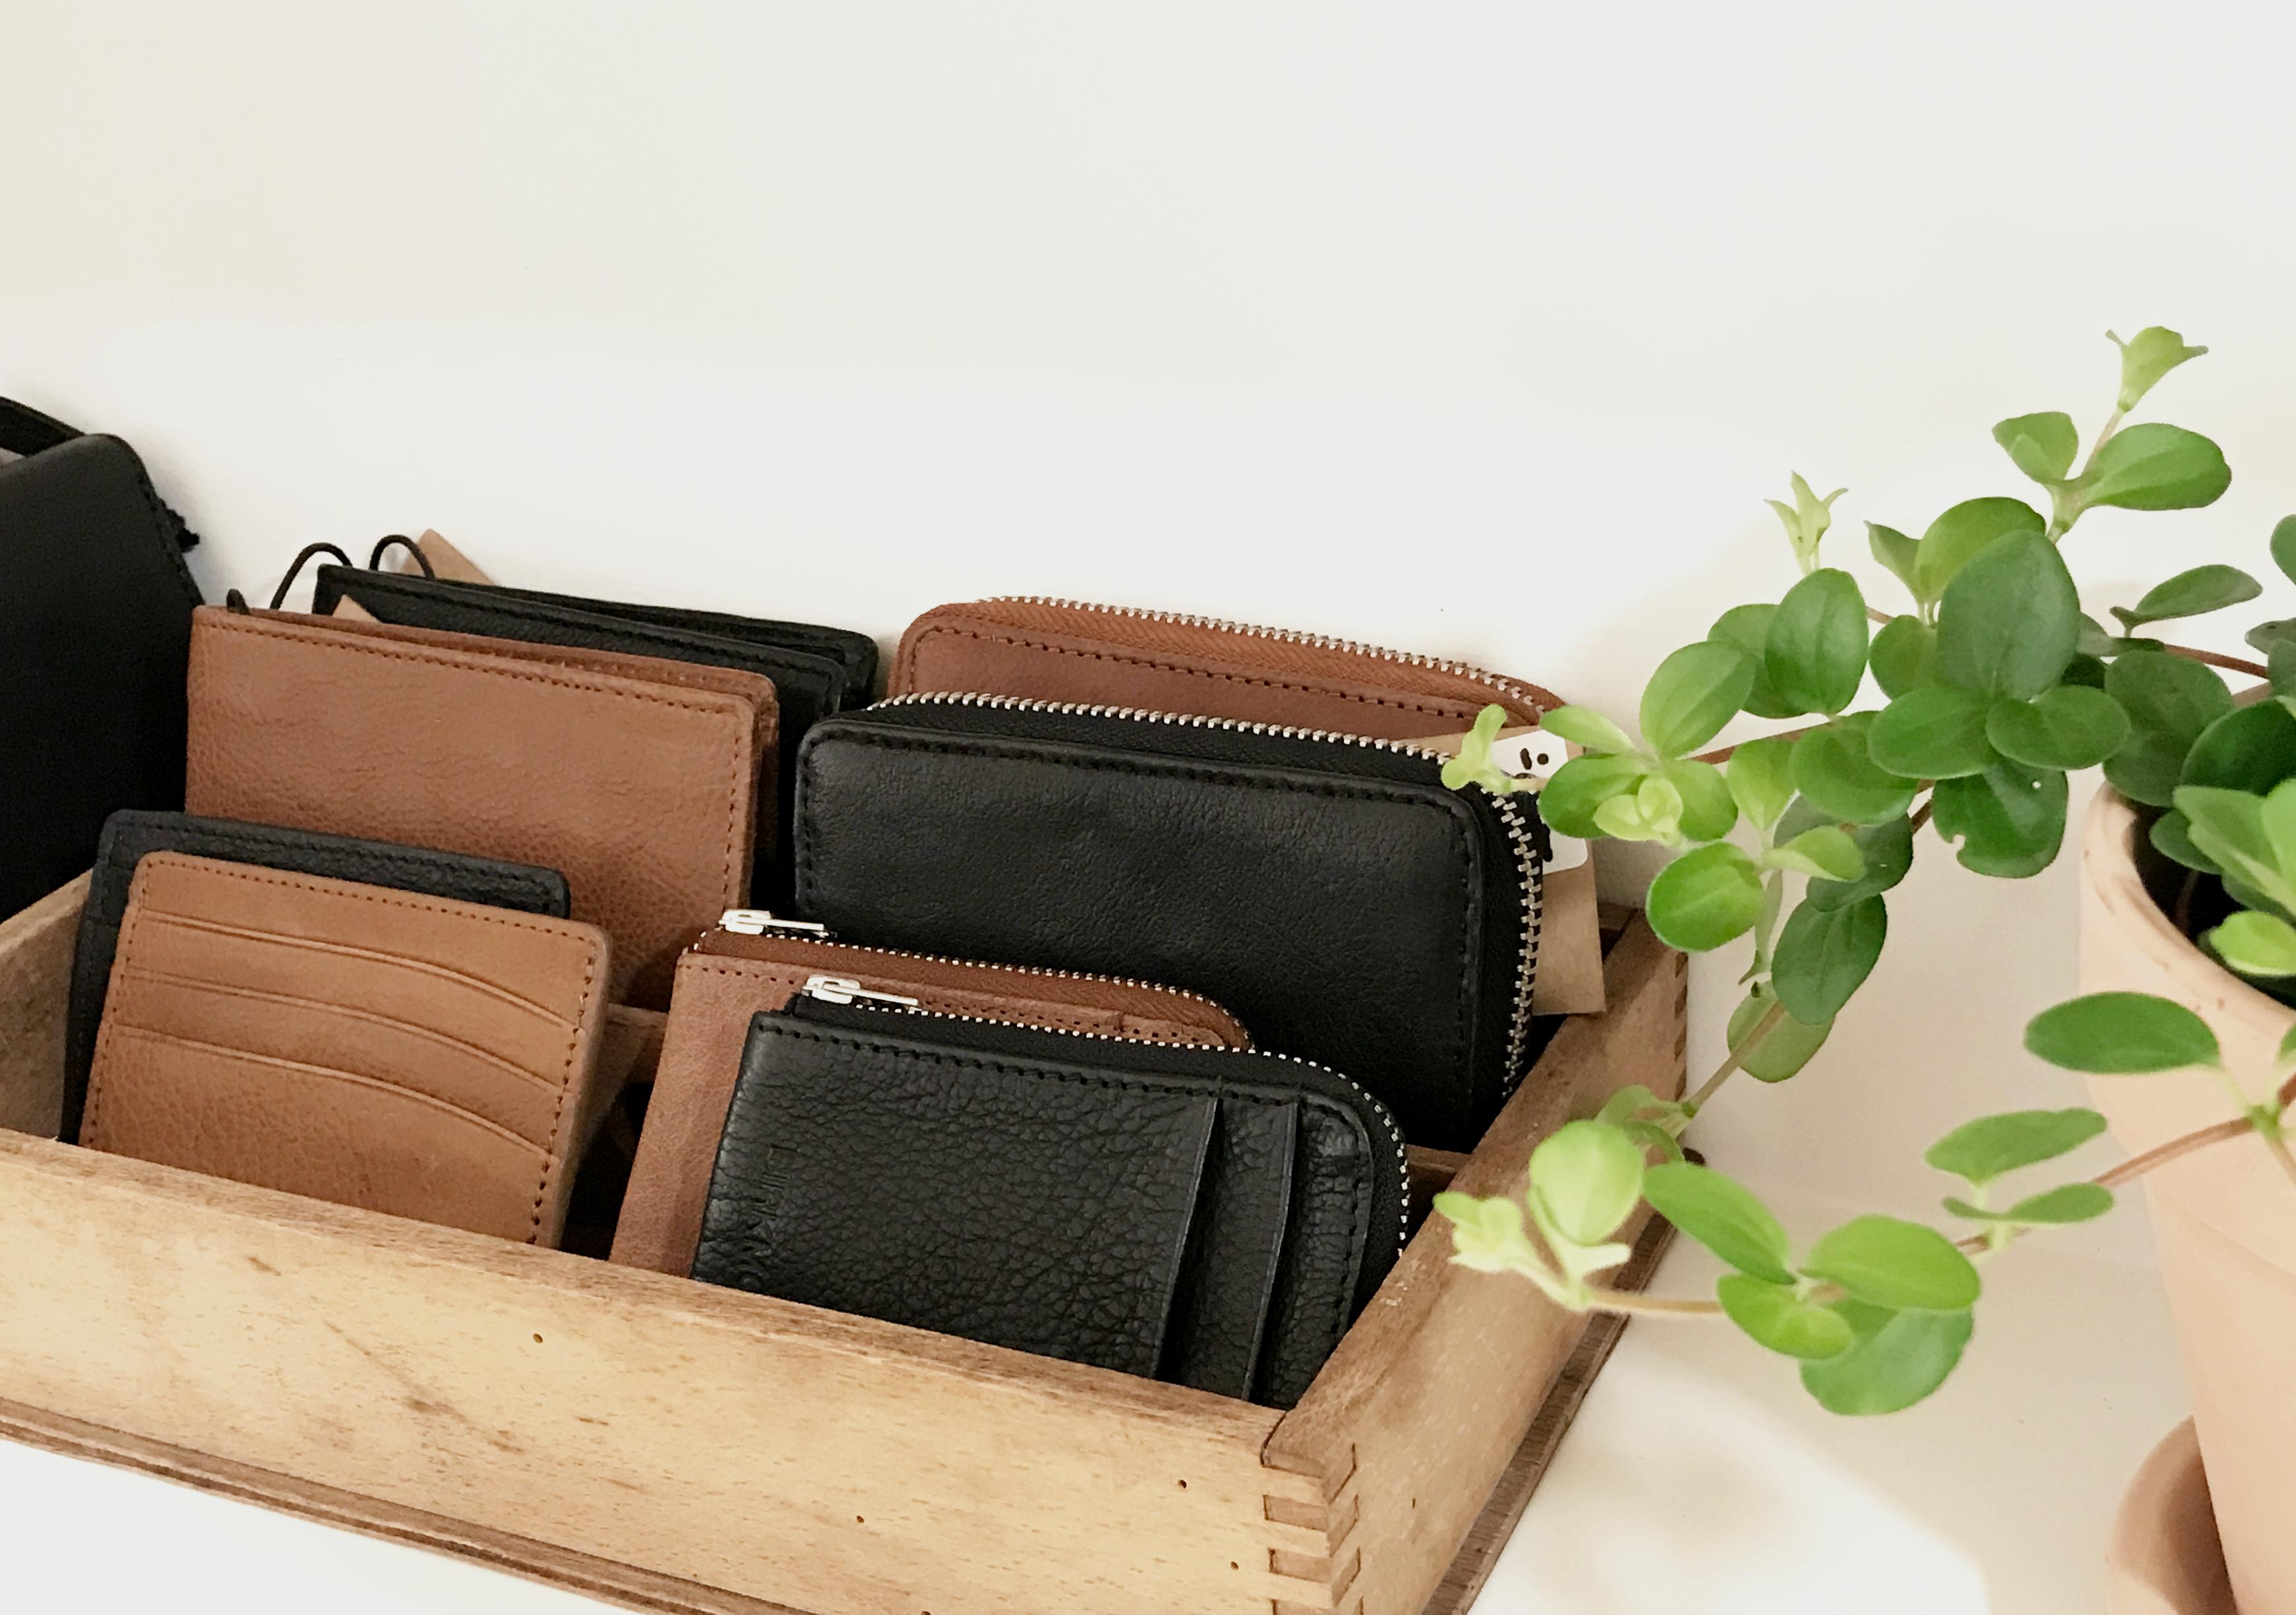 Punge og kortholdere i læder til kvinder og mænd Smarte og praktiske punge i ægte vegetabilsk garvet læder Stilrent dansk design fra Birkmond tasker og lædervarer Taskebutik i København og Aarhus